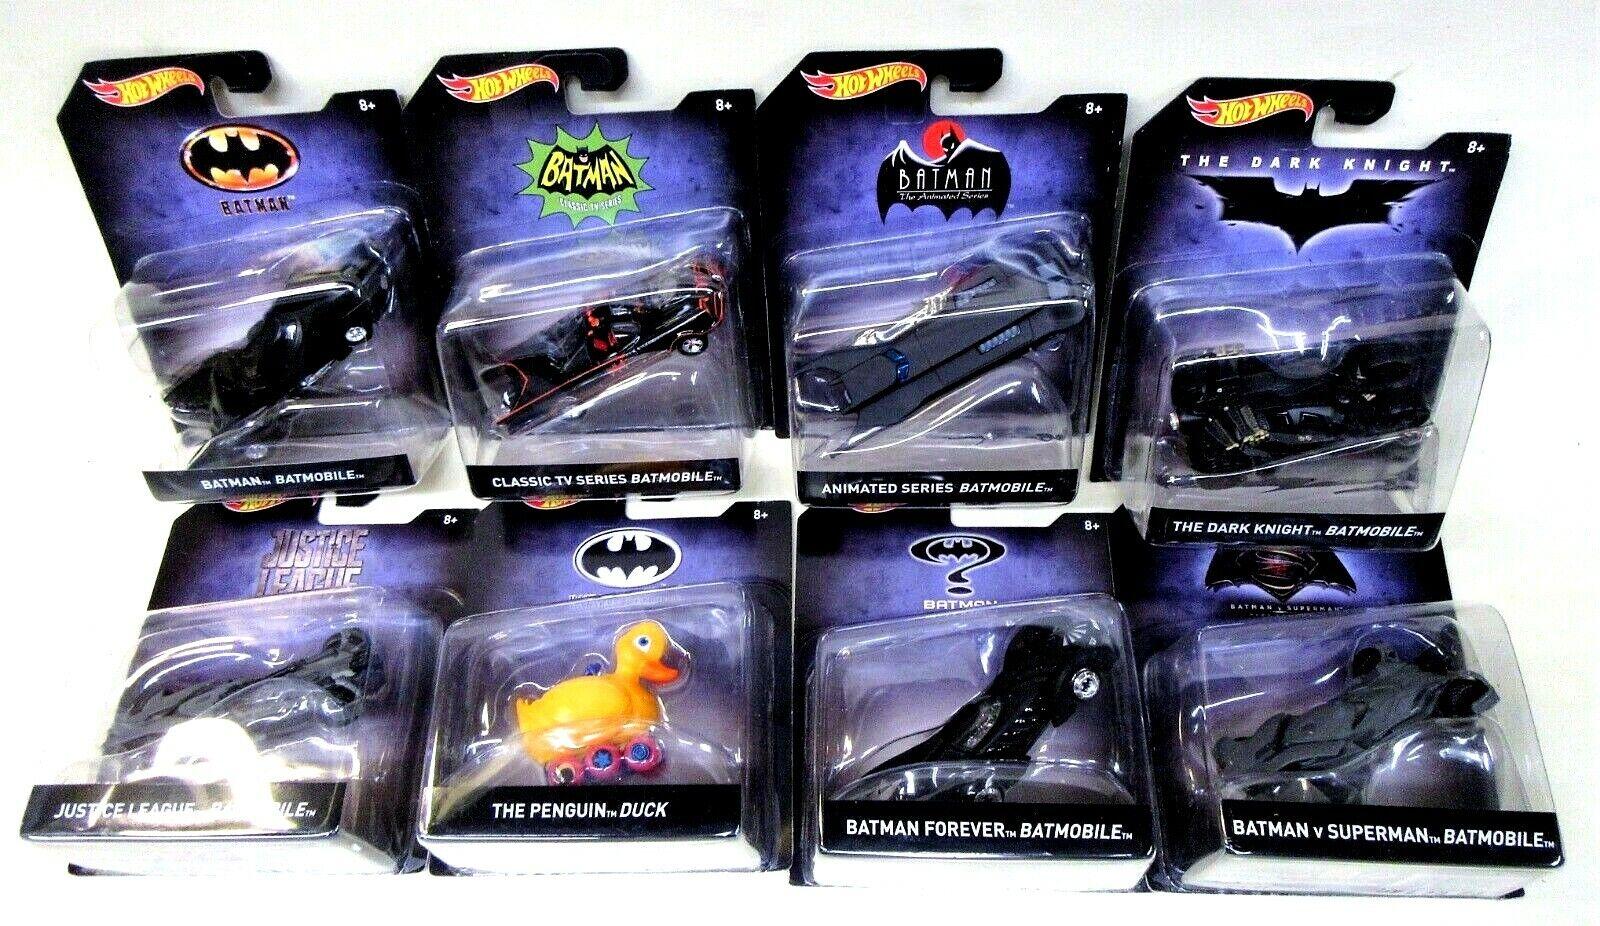 2017 Hot Wheels Batman Véhicules Set de 8 différents Diecast Comme neuf on Card dans boîte d'origine